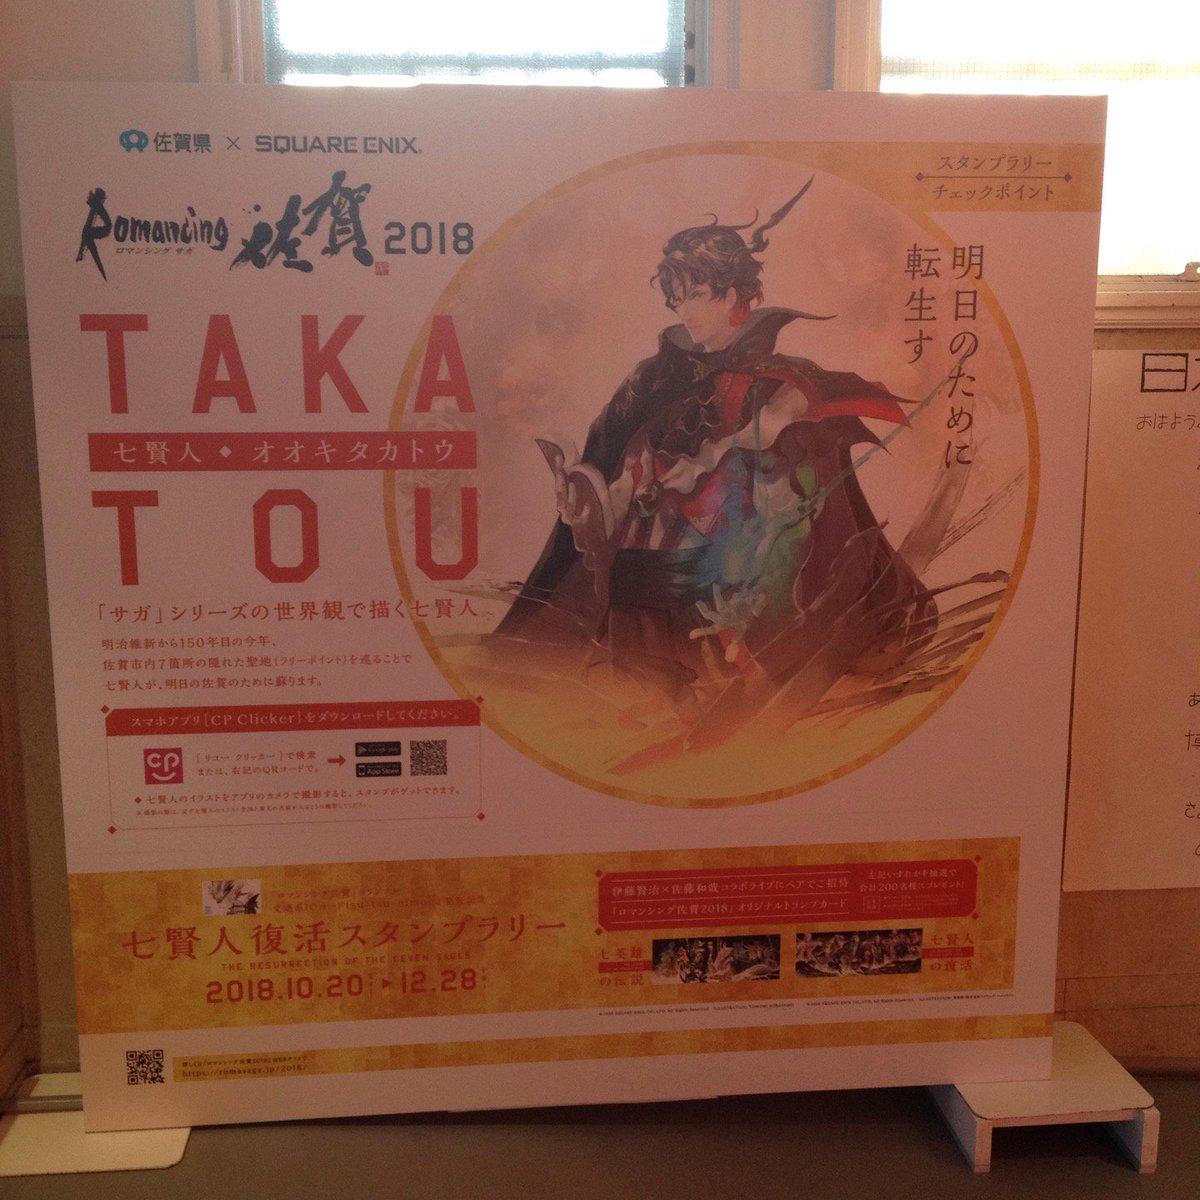 ロマンシング佐賀2018 七賢人復活スタンプラリー オランダハウス「TAKATOU」(オオキタカトウ)